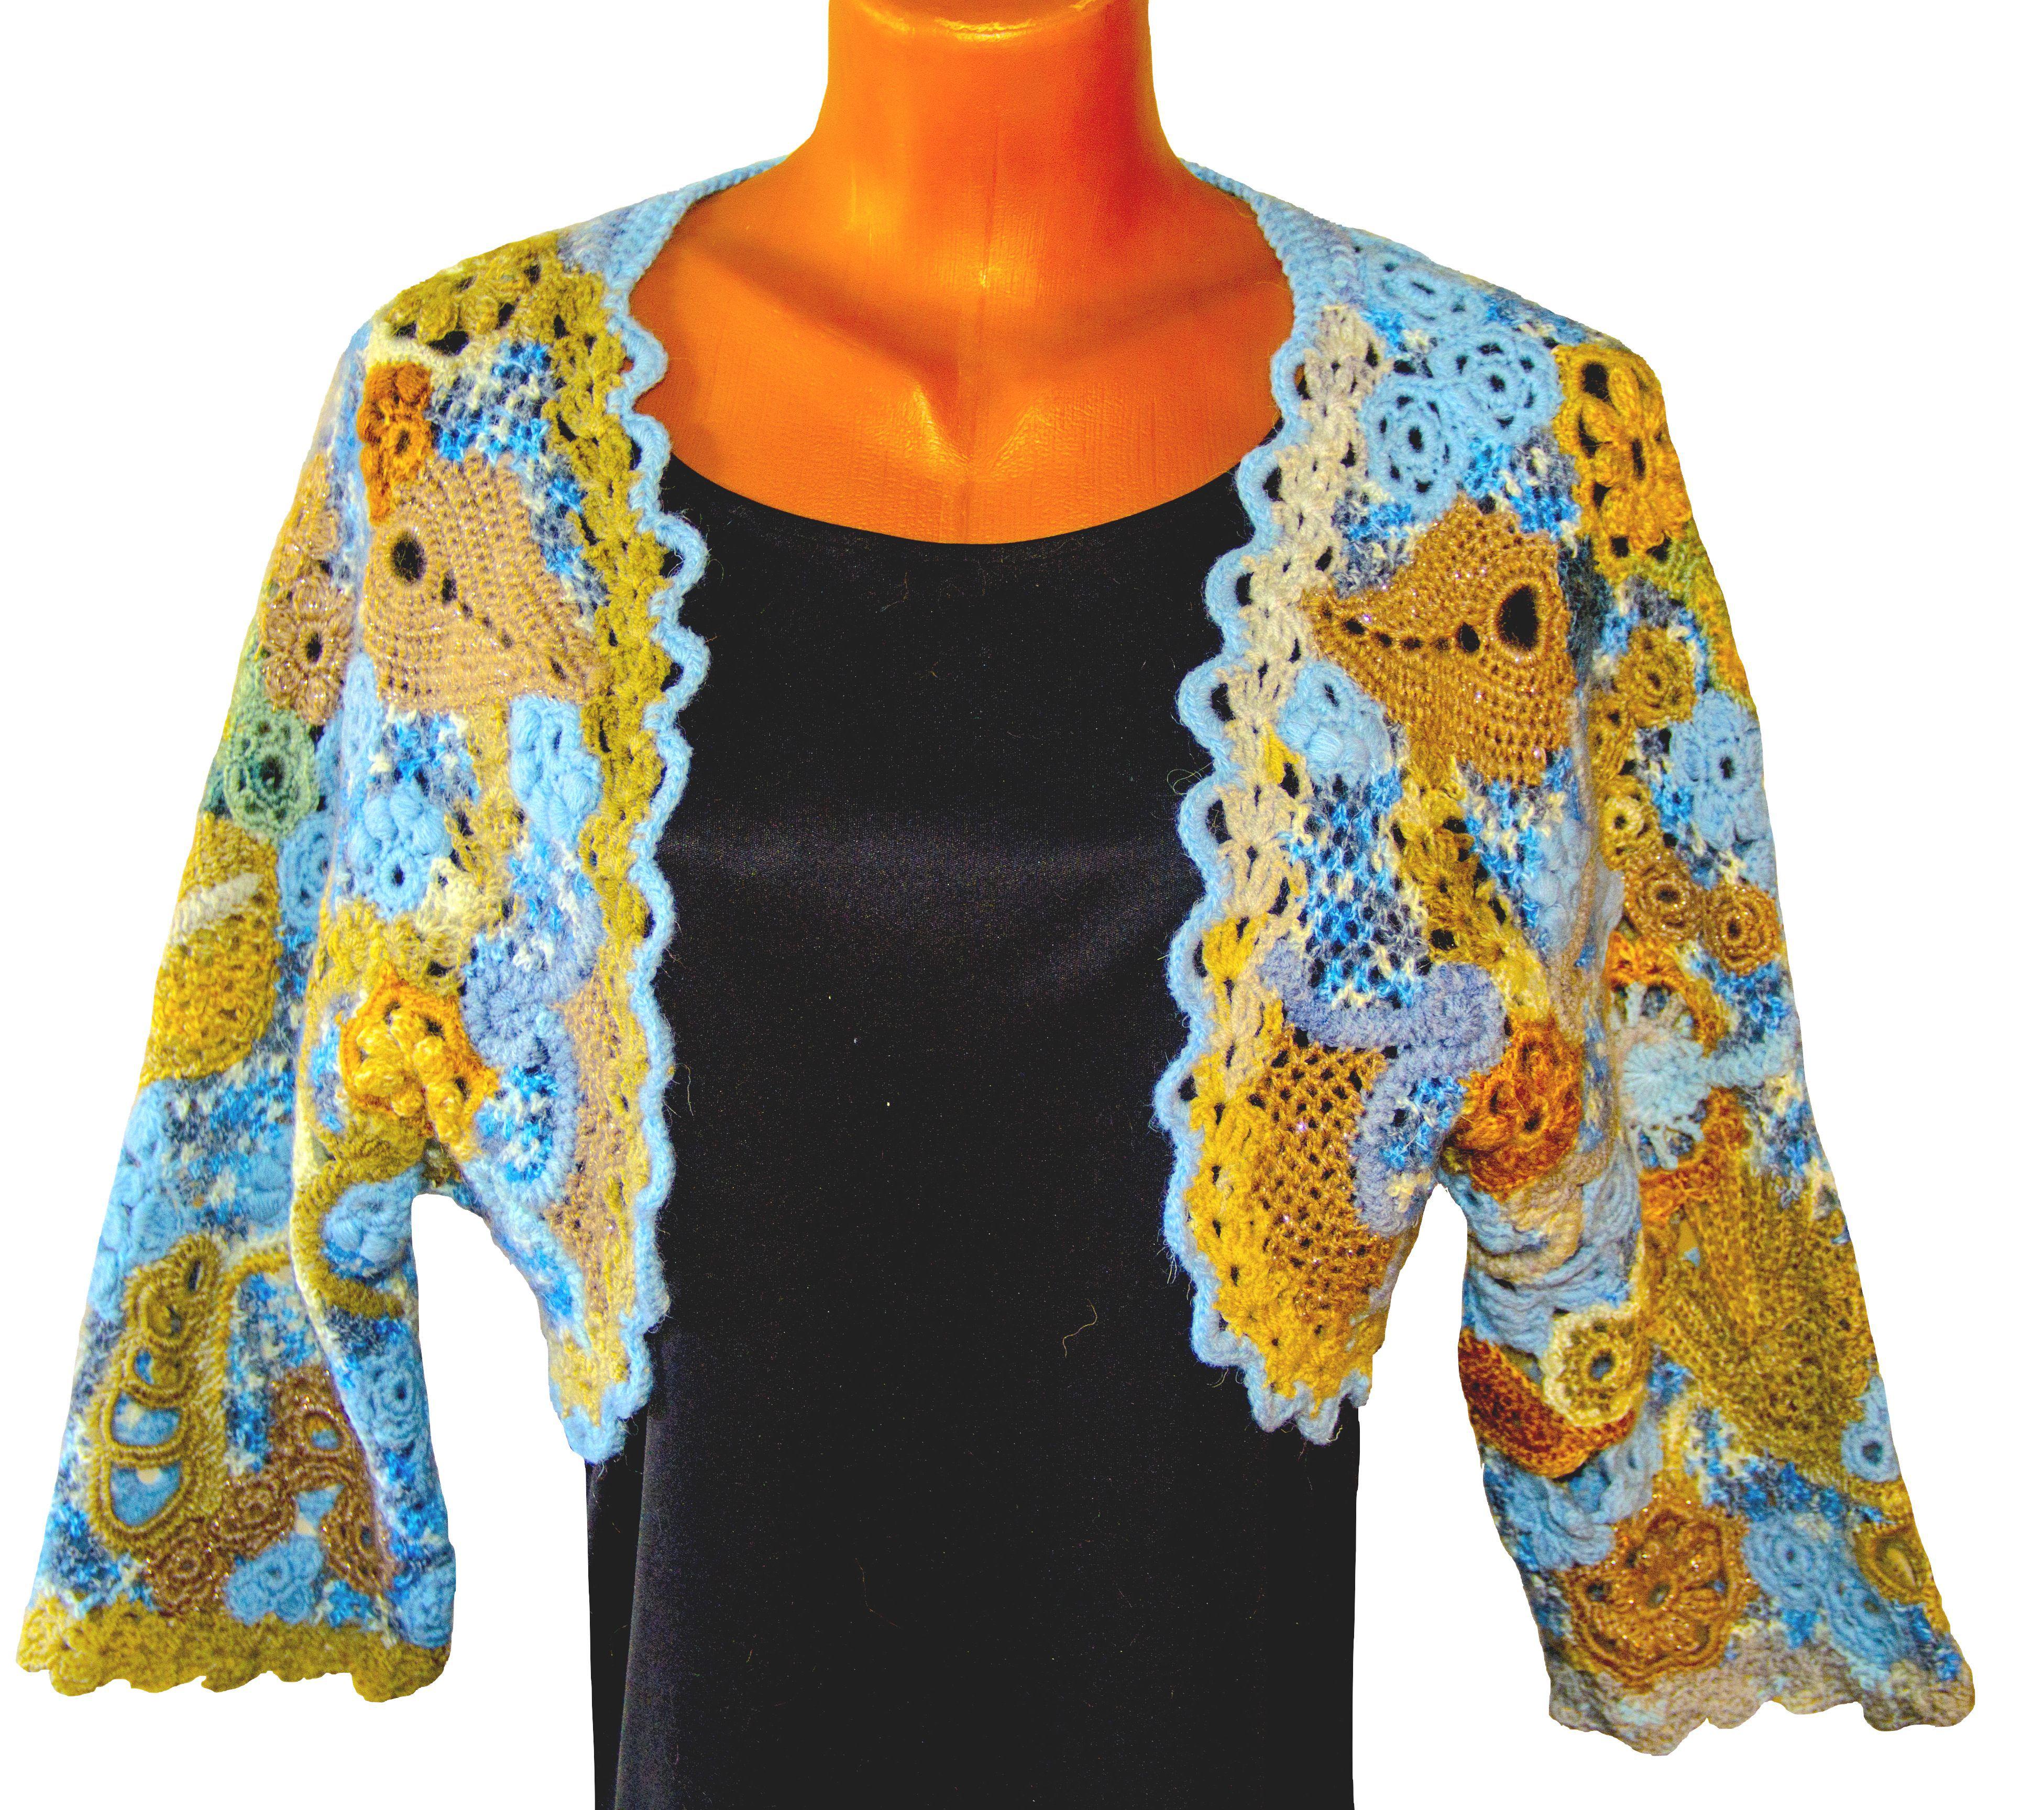 irish customdesigned handmade knitted lace flower bolero